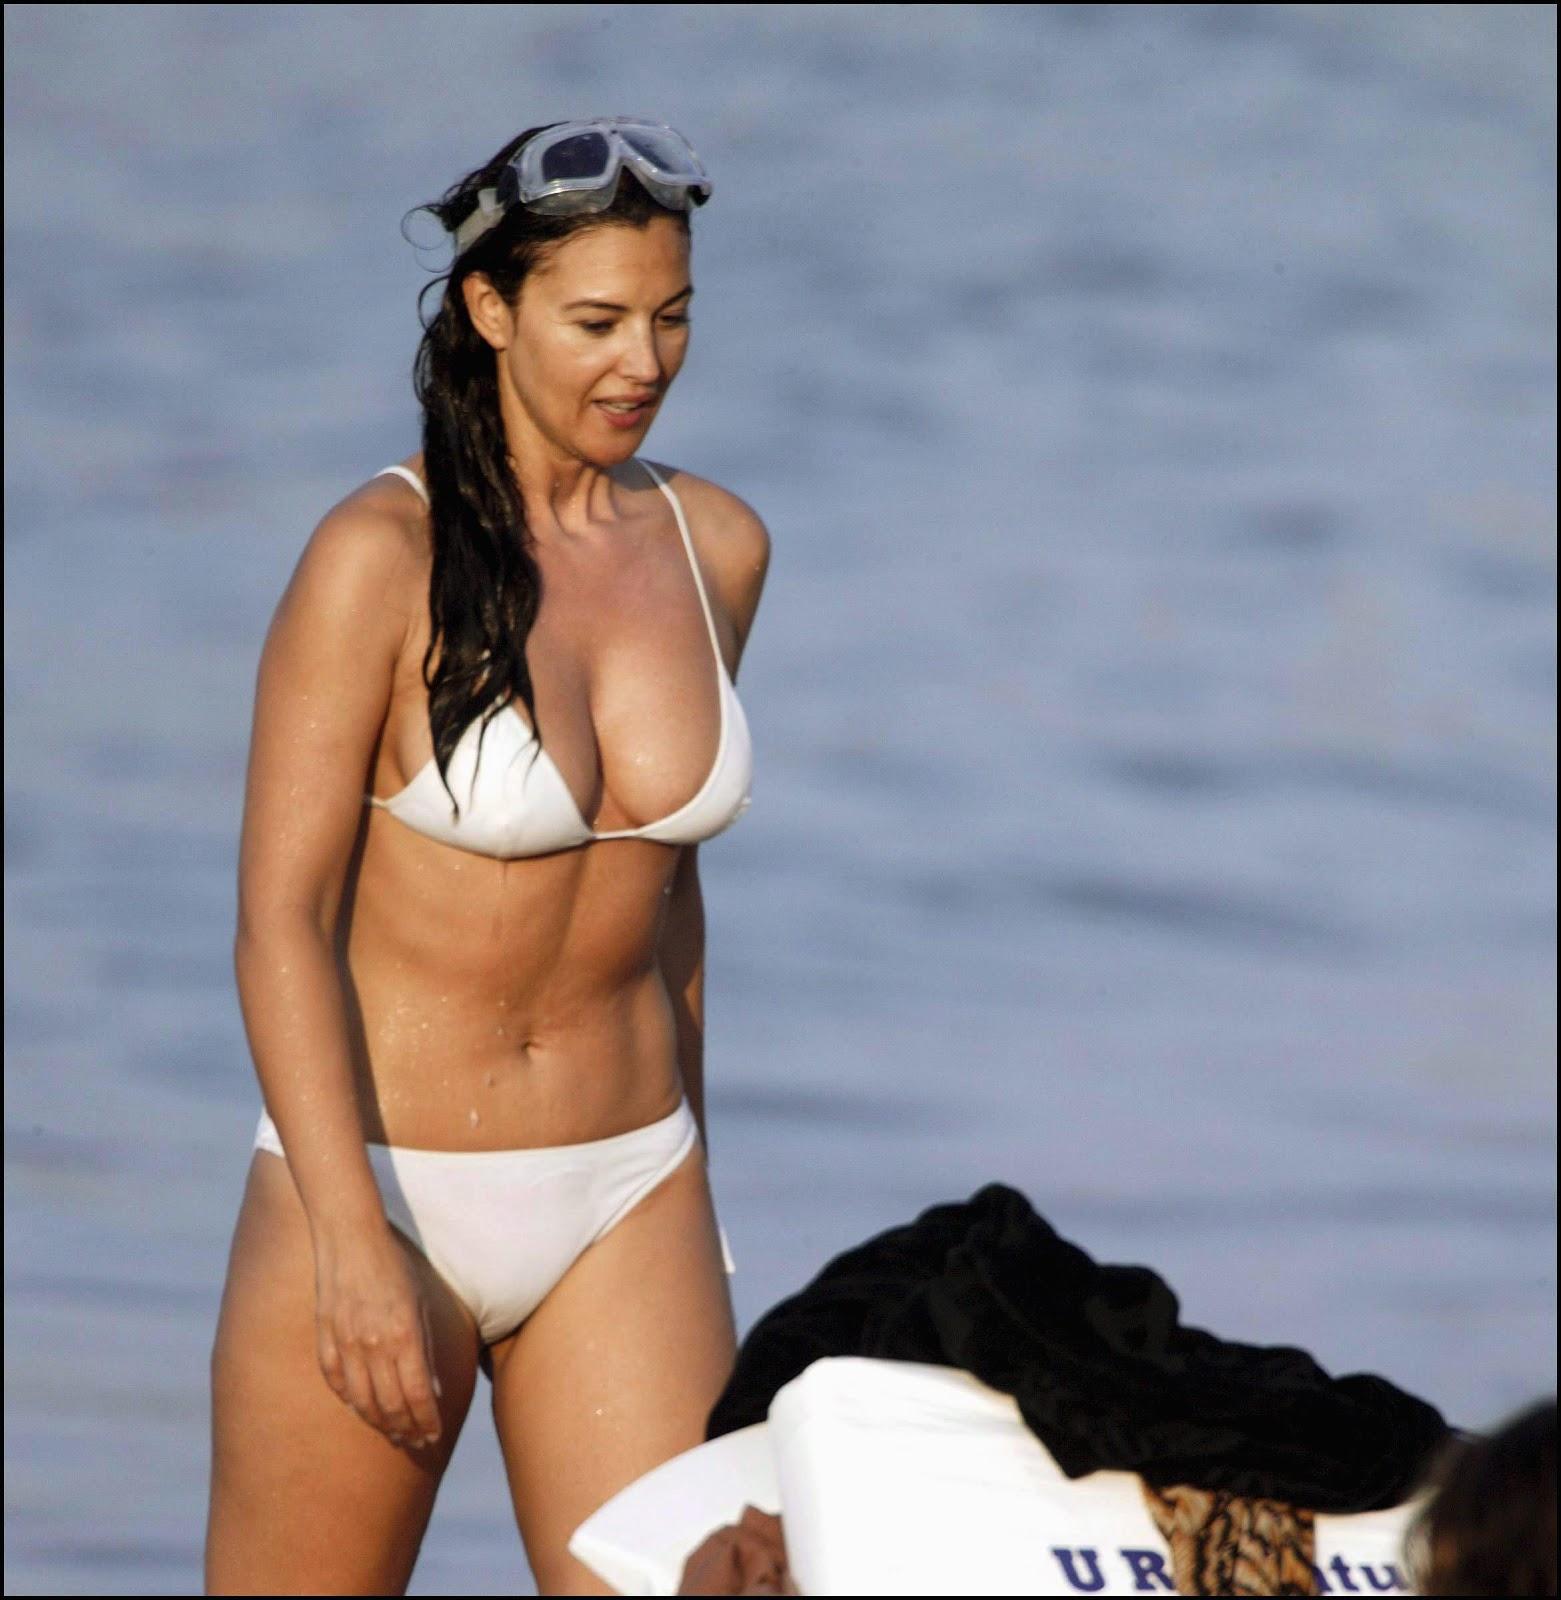 http://1.bp.blogspot.com/_A8qkt_YpKNU/TQ9nOBijpDI/AAAAAAAAATQ/DhijJZ-_ryU/s1600/monica+bikini_2.jpg